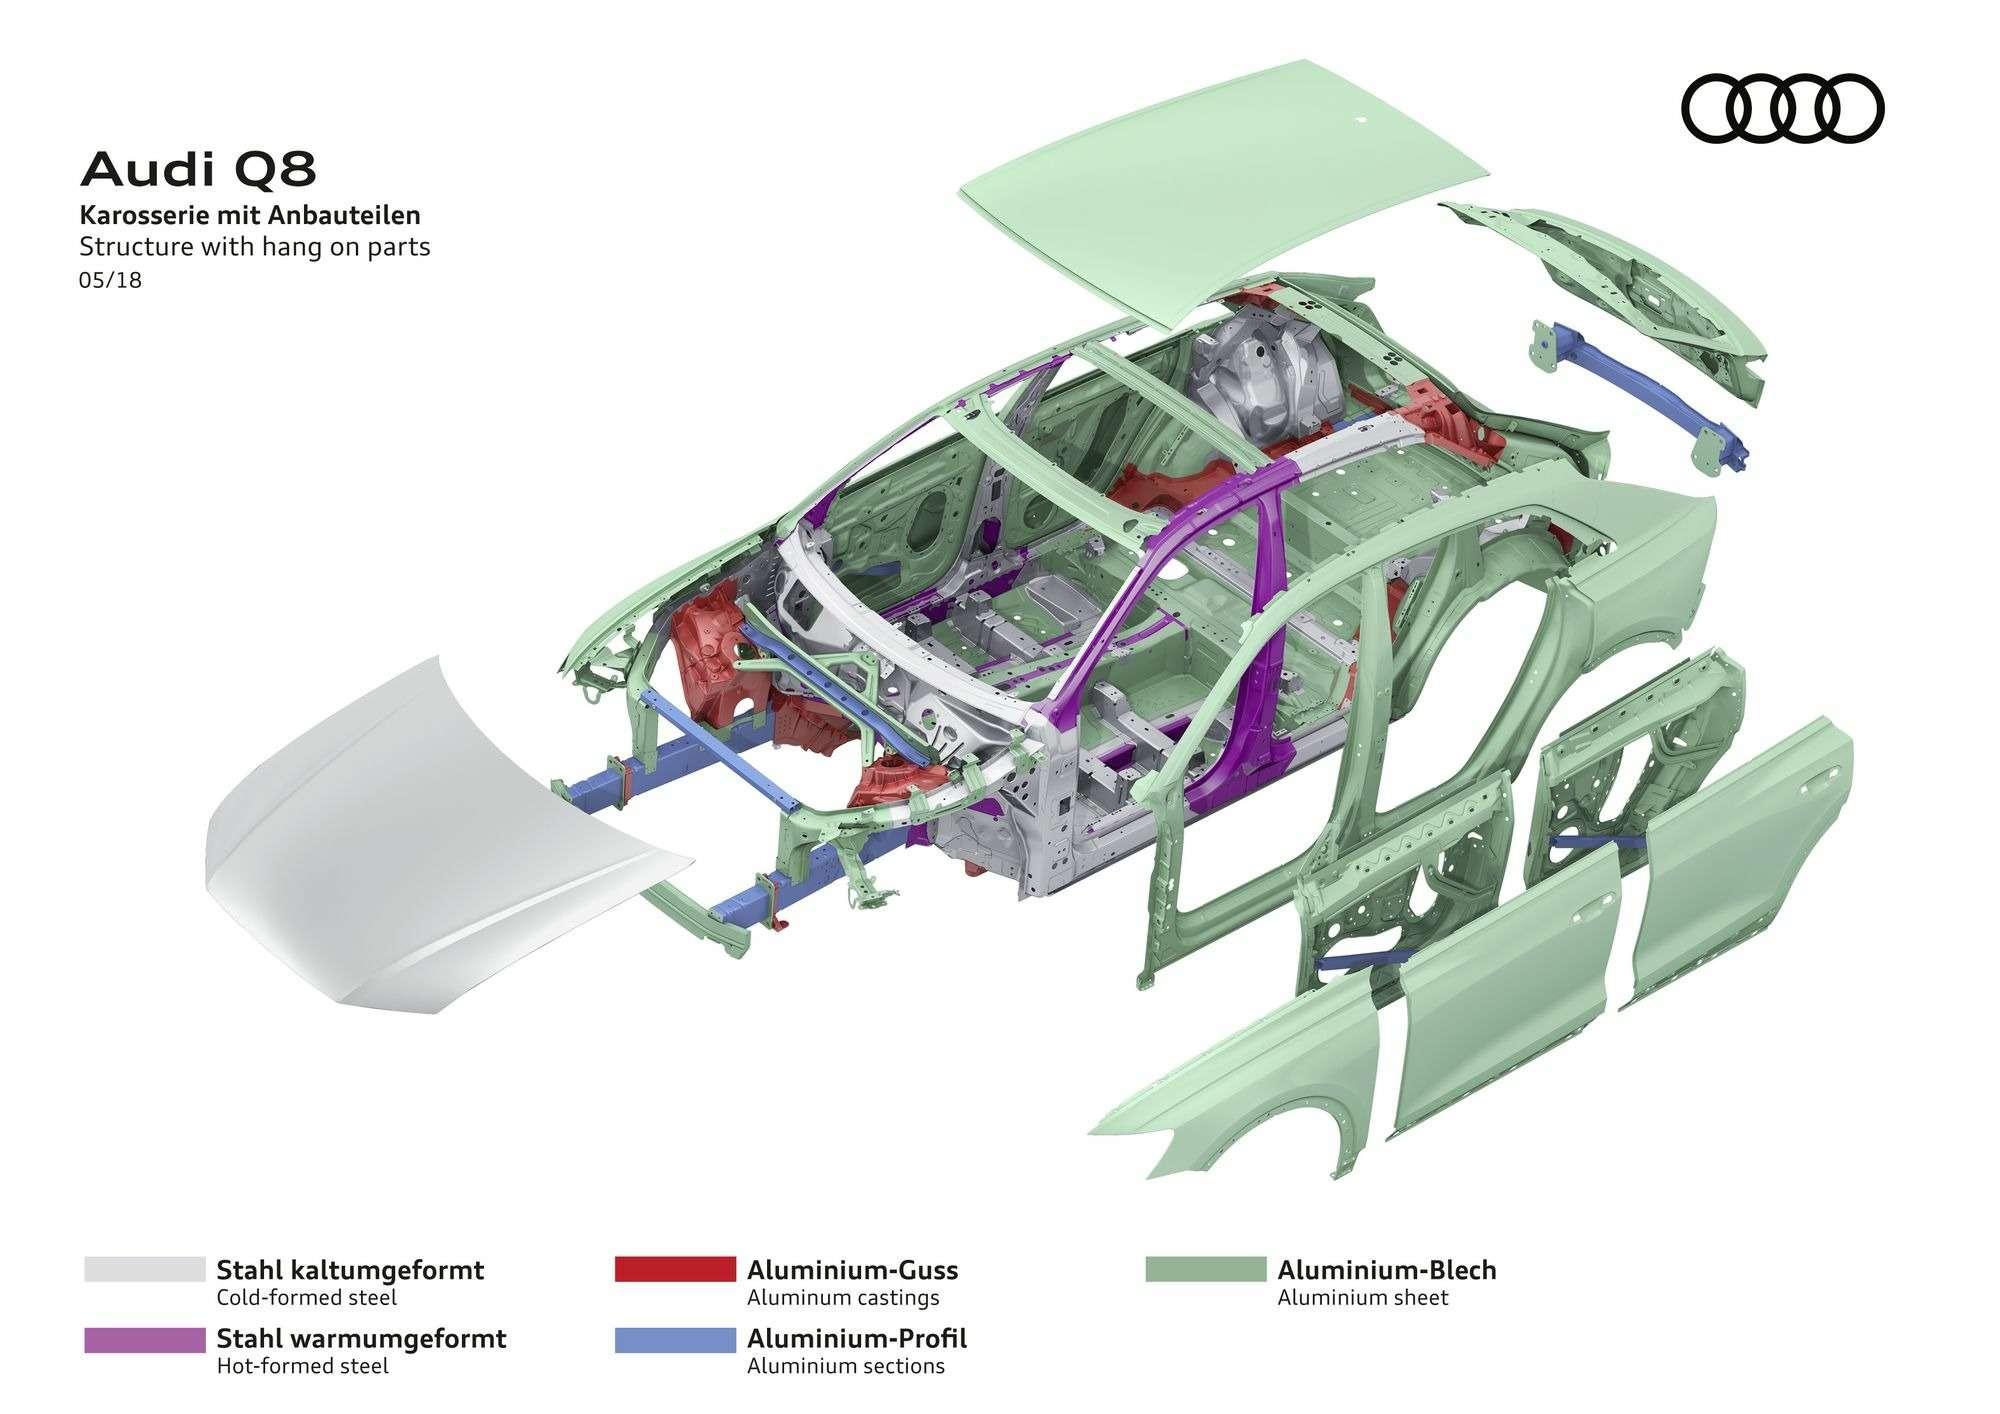 Встречаем Audi Q8: хай-тек плюс ностальгия по80-м— фото 876438